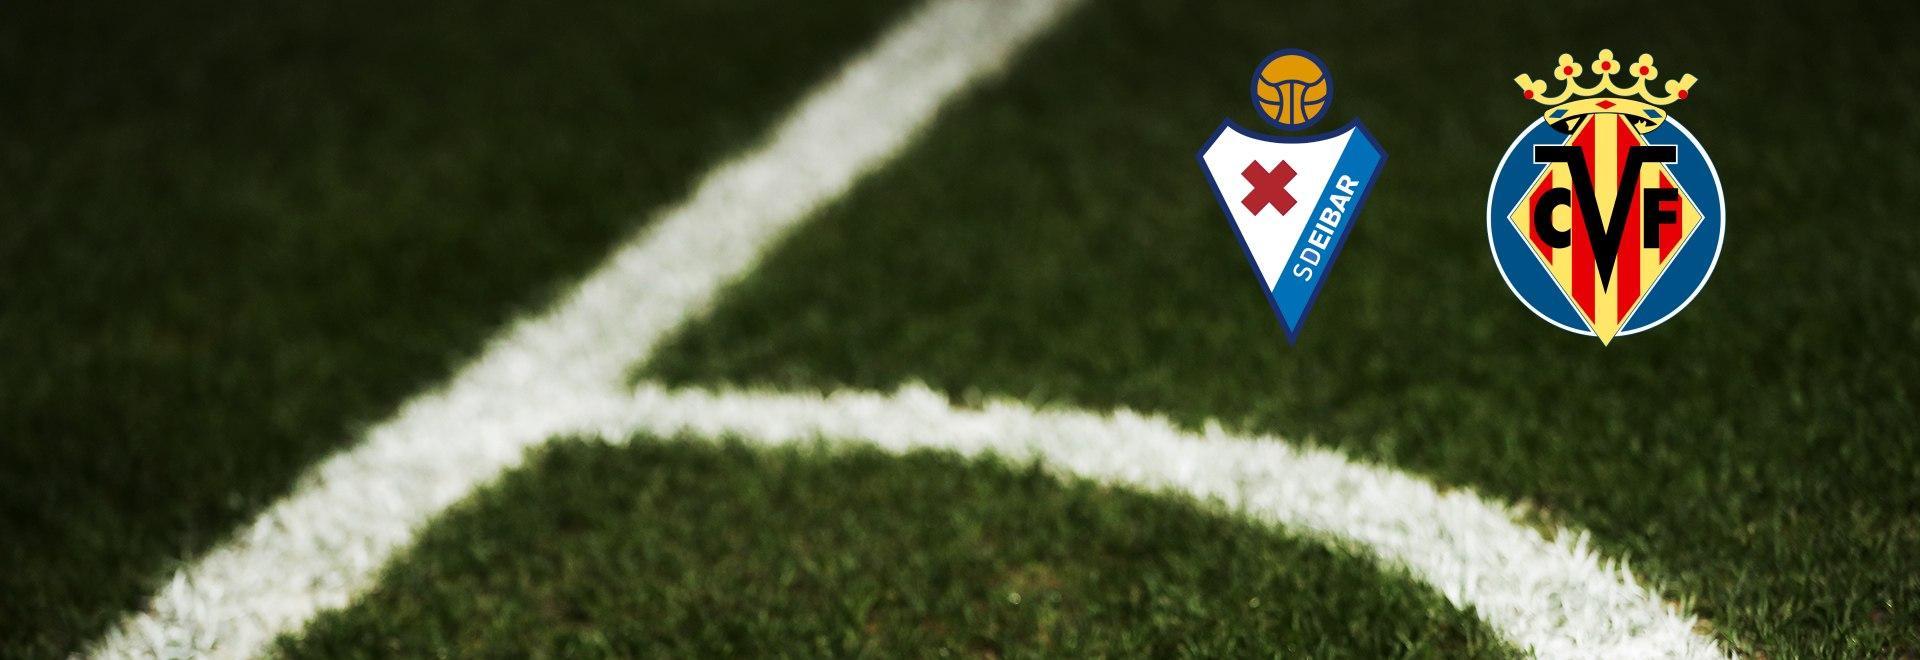 Eibar - Villarreal. 27a g.